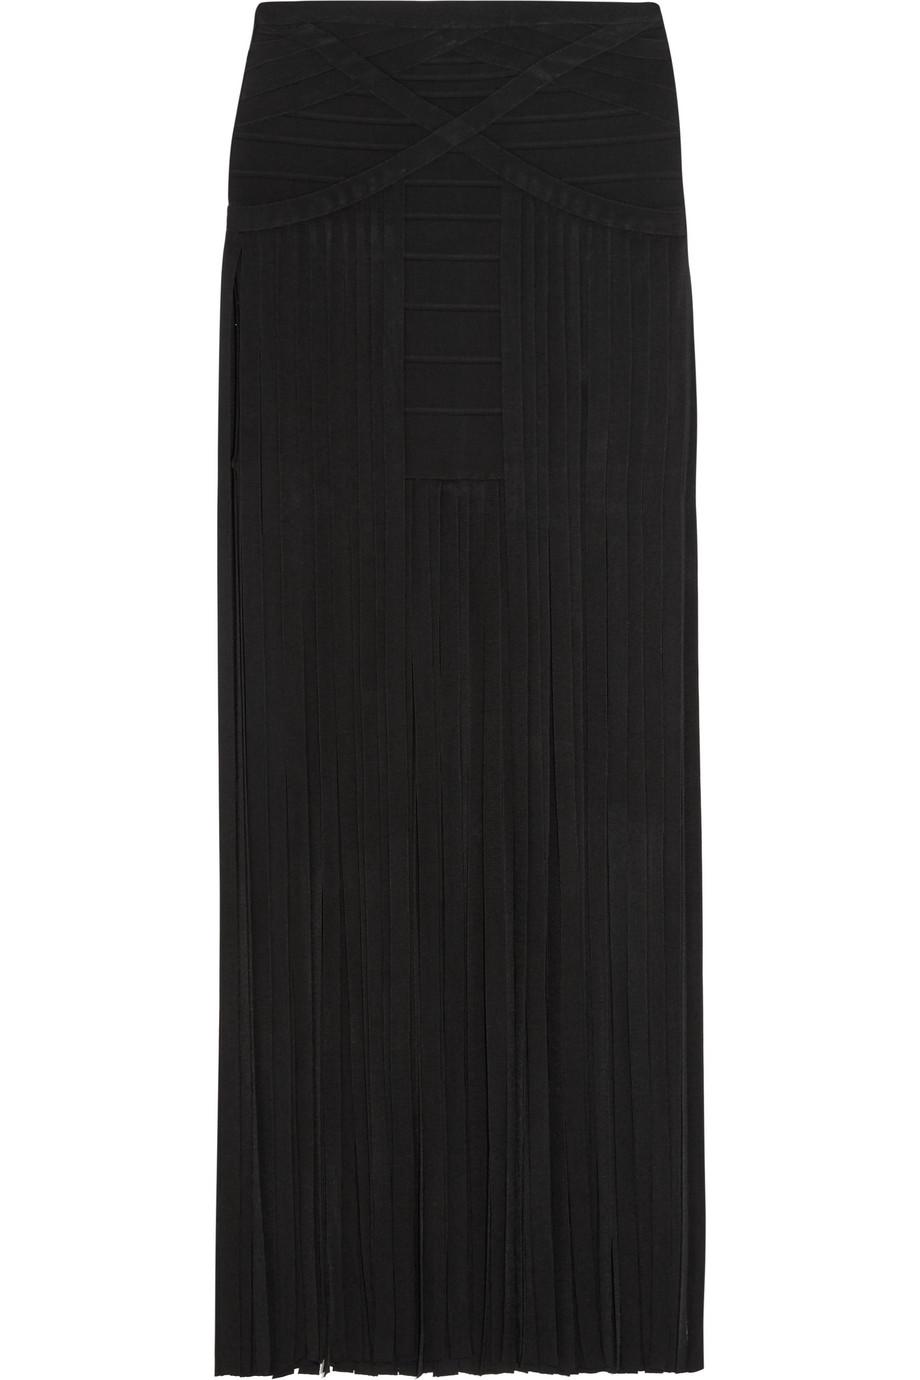 Hervé Léger Fringed Bandage Maxi Skirt, Black, Women's